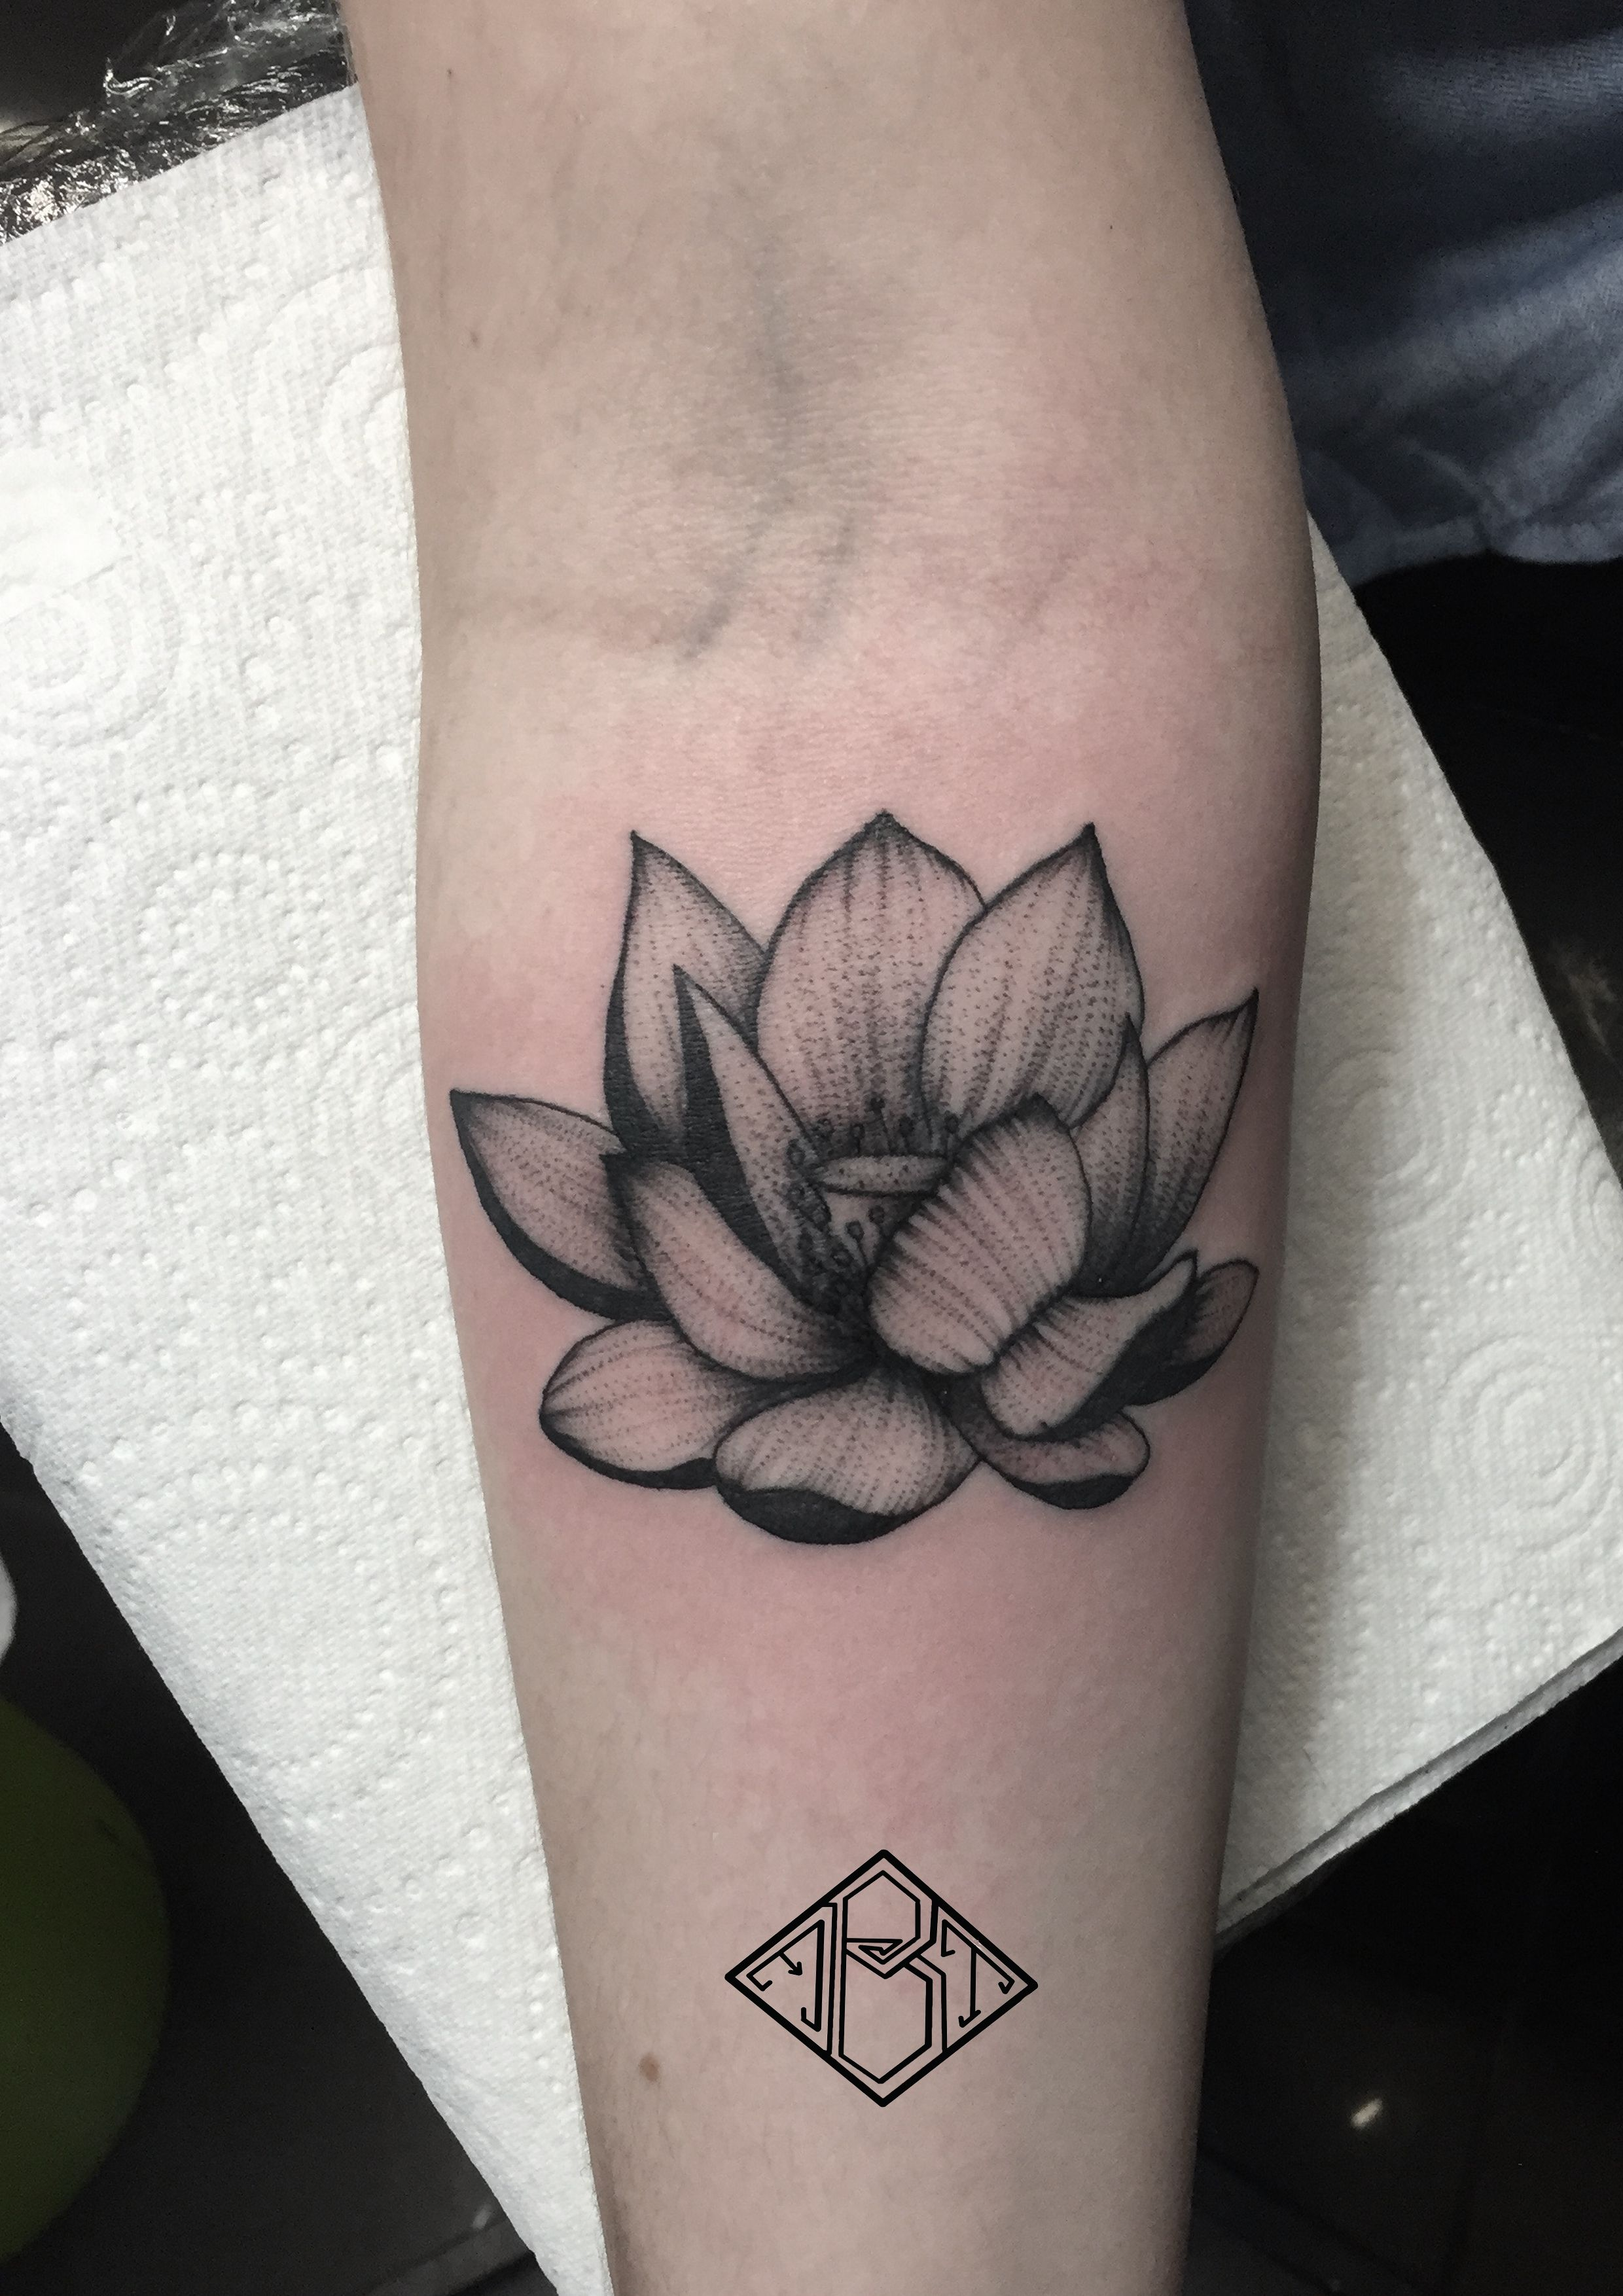 Pin By Victoria On Tattoos I Want Lillies Tattoo Tattoo Designs Water Lily Tattoos